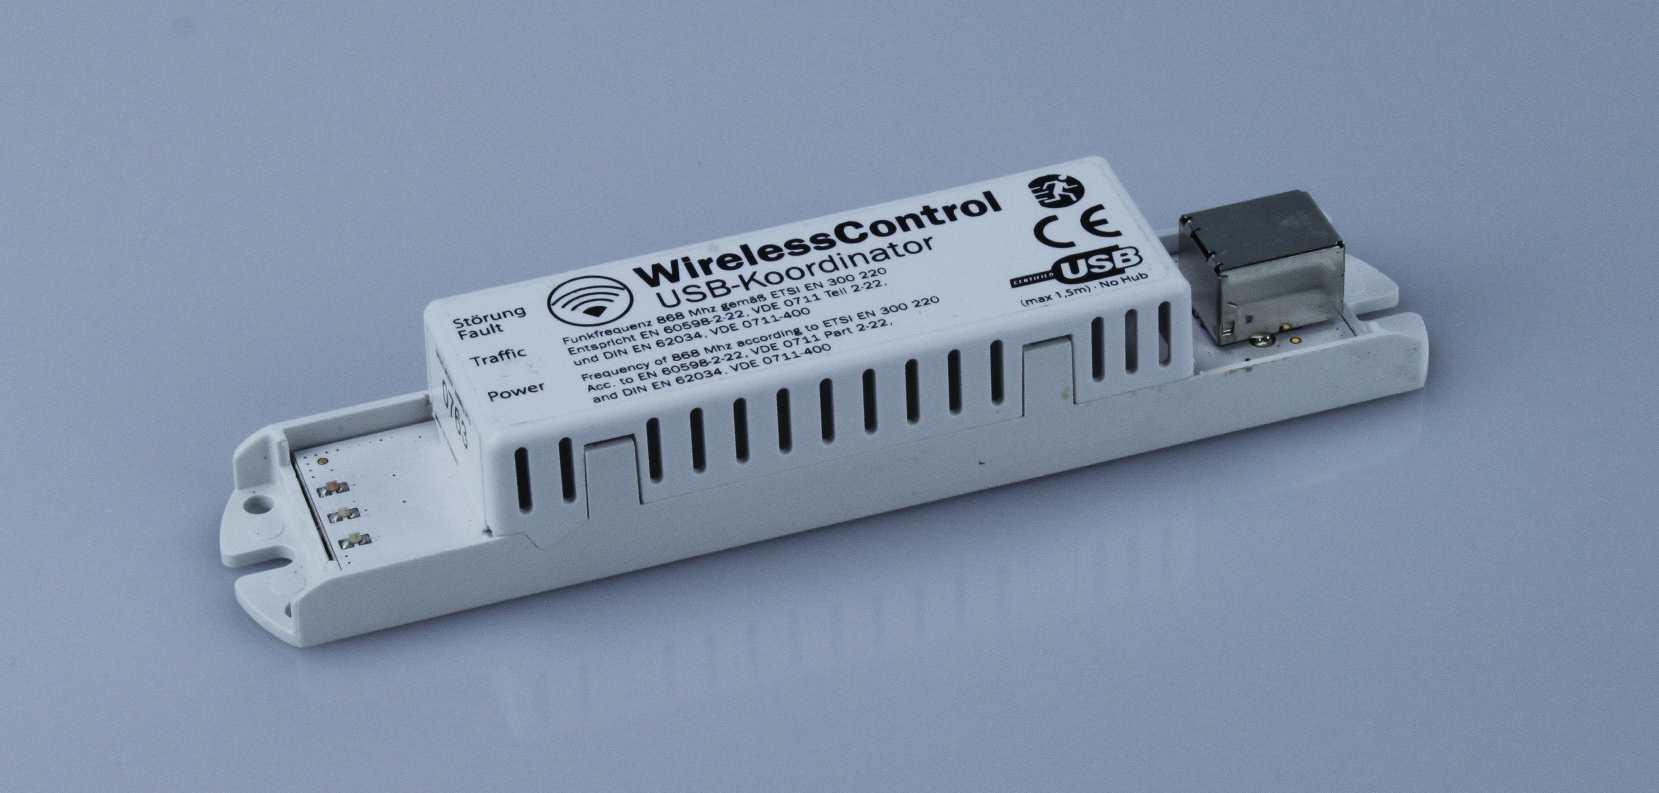 1 Stk Koordinator USB auf WirelessControl Netzwerk NLWLKOR1--